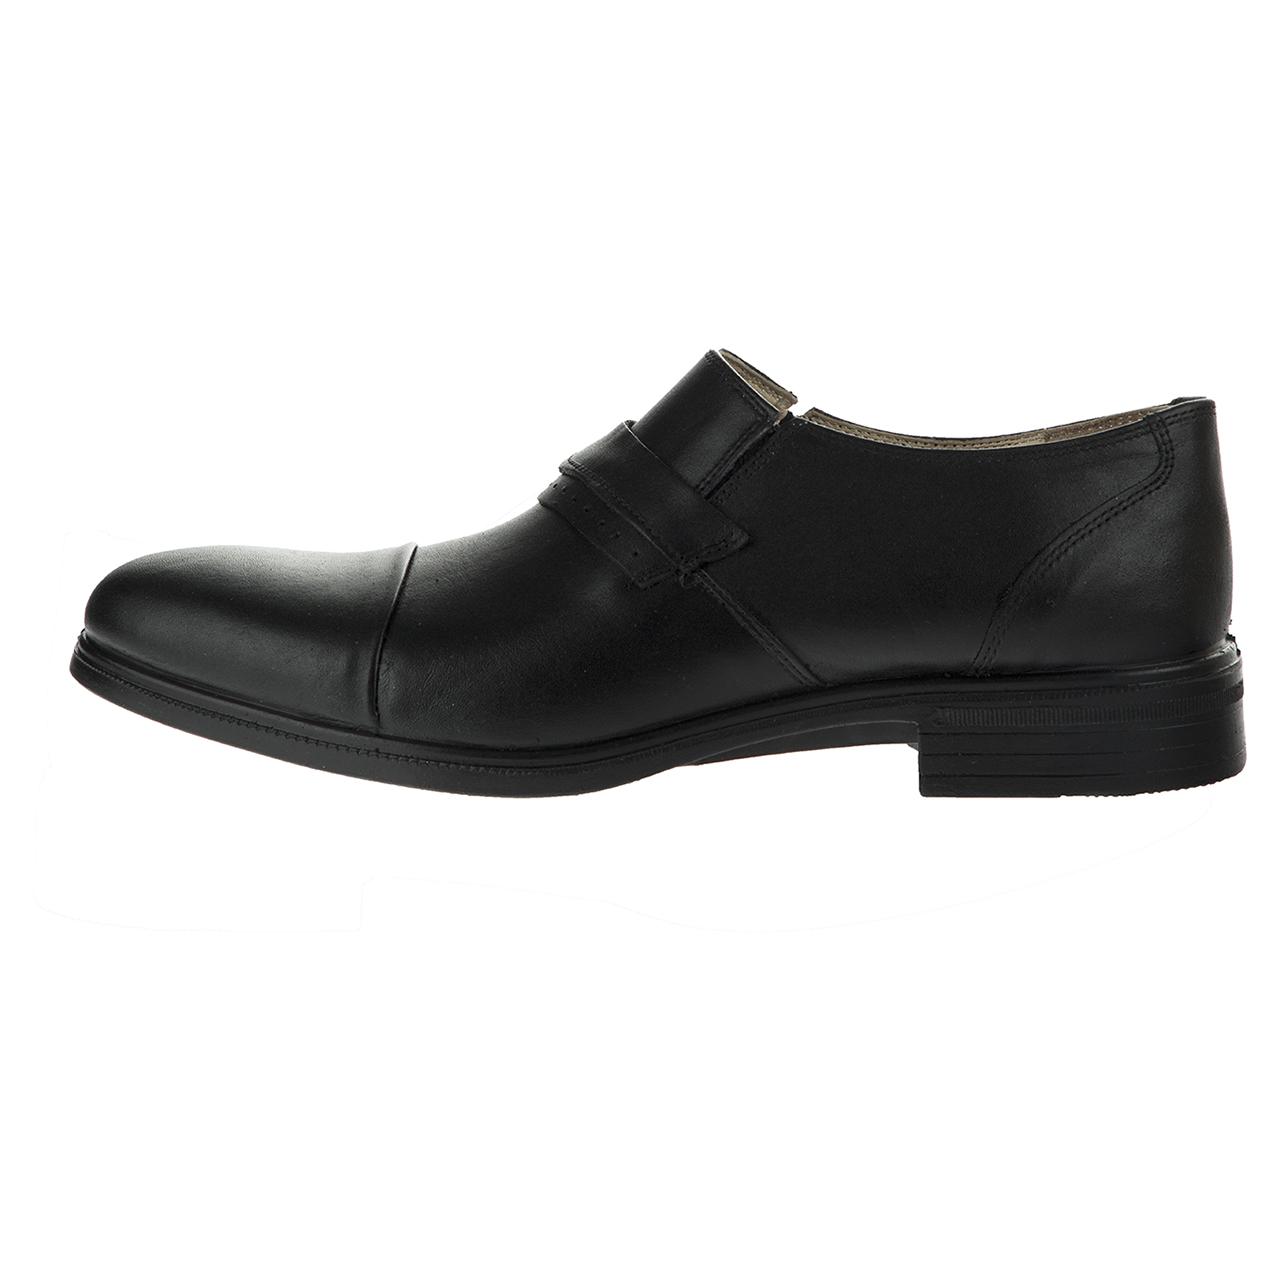 کفش چرم مردانه ونوس کد 222